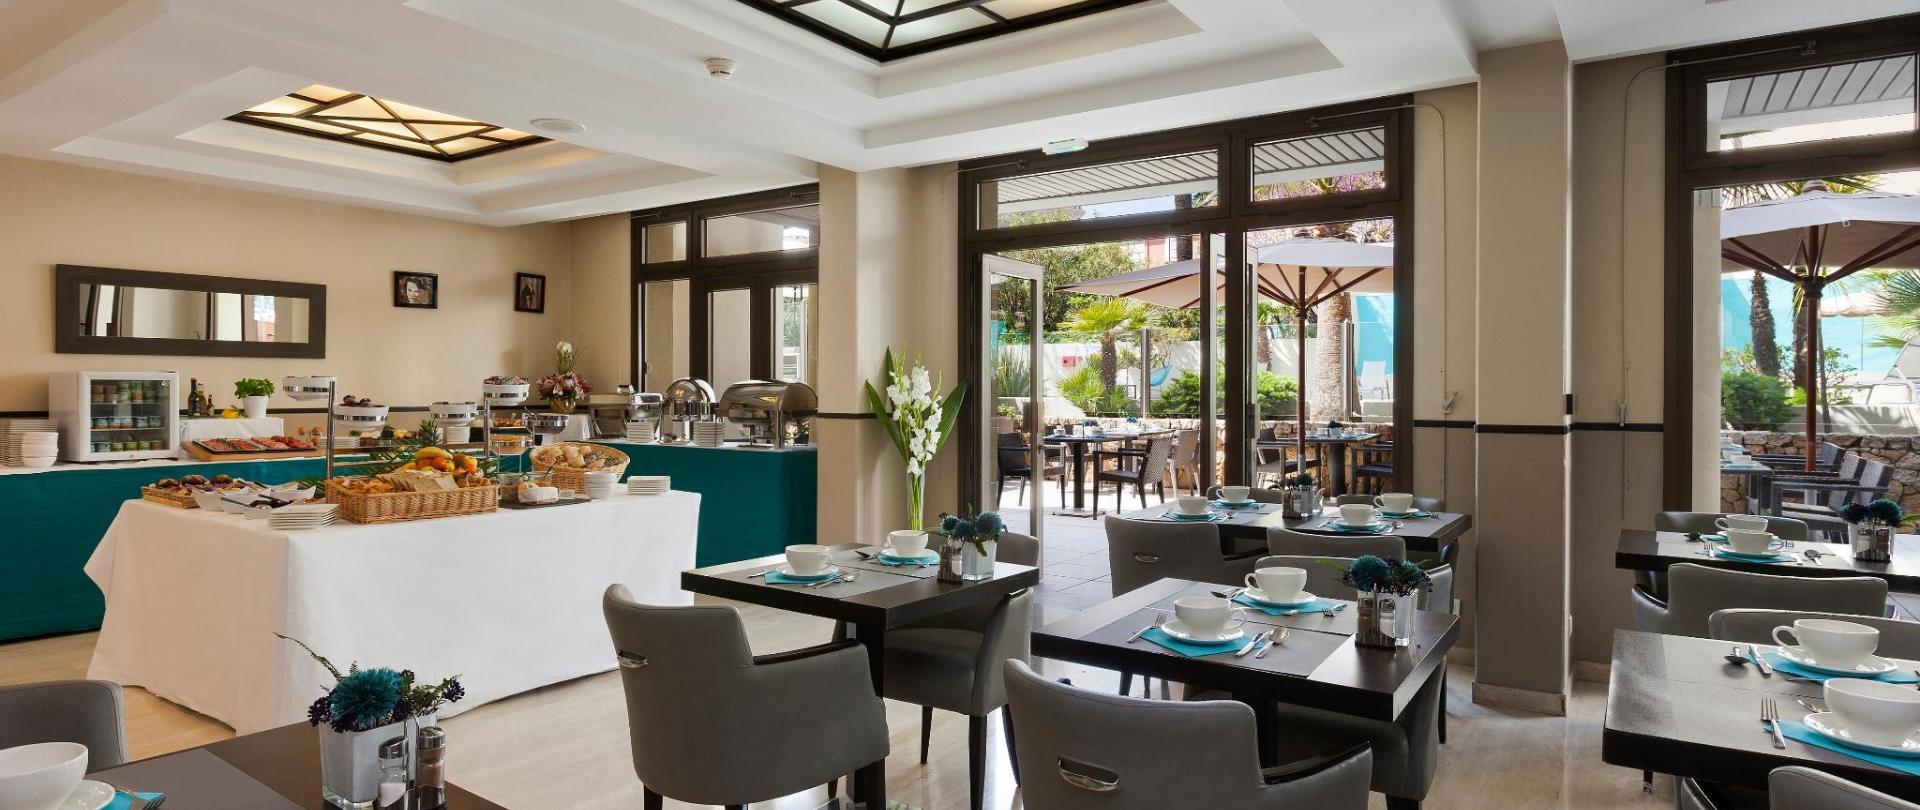 Petit dejeuner Clarion Suites Cannes Croisette